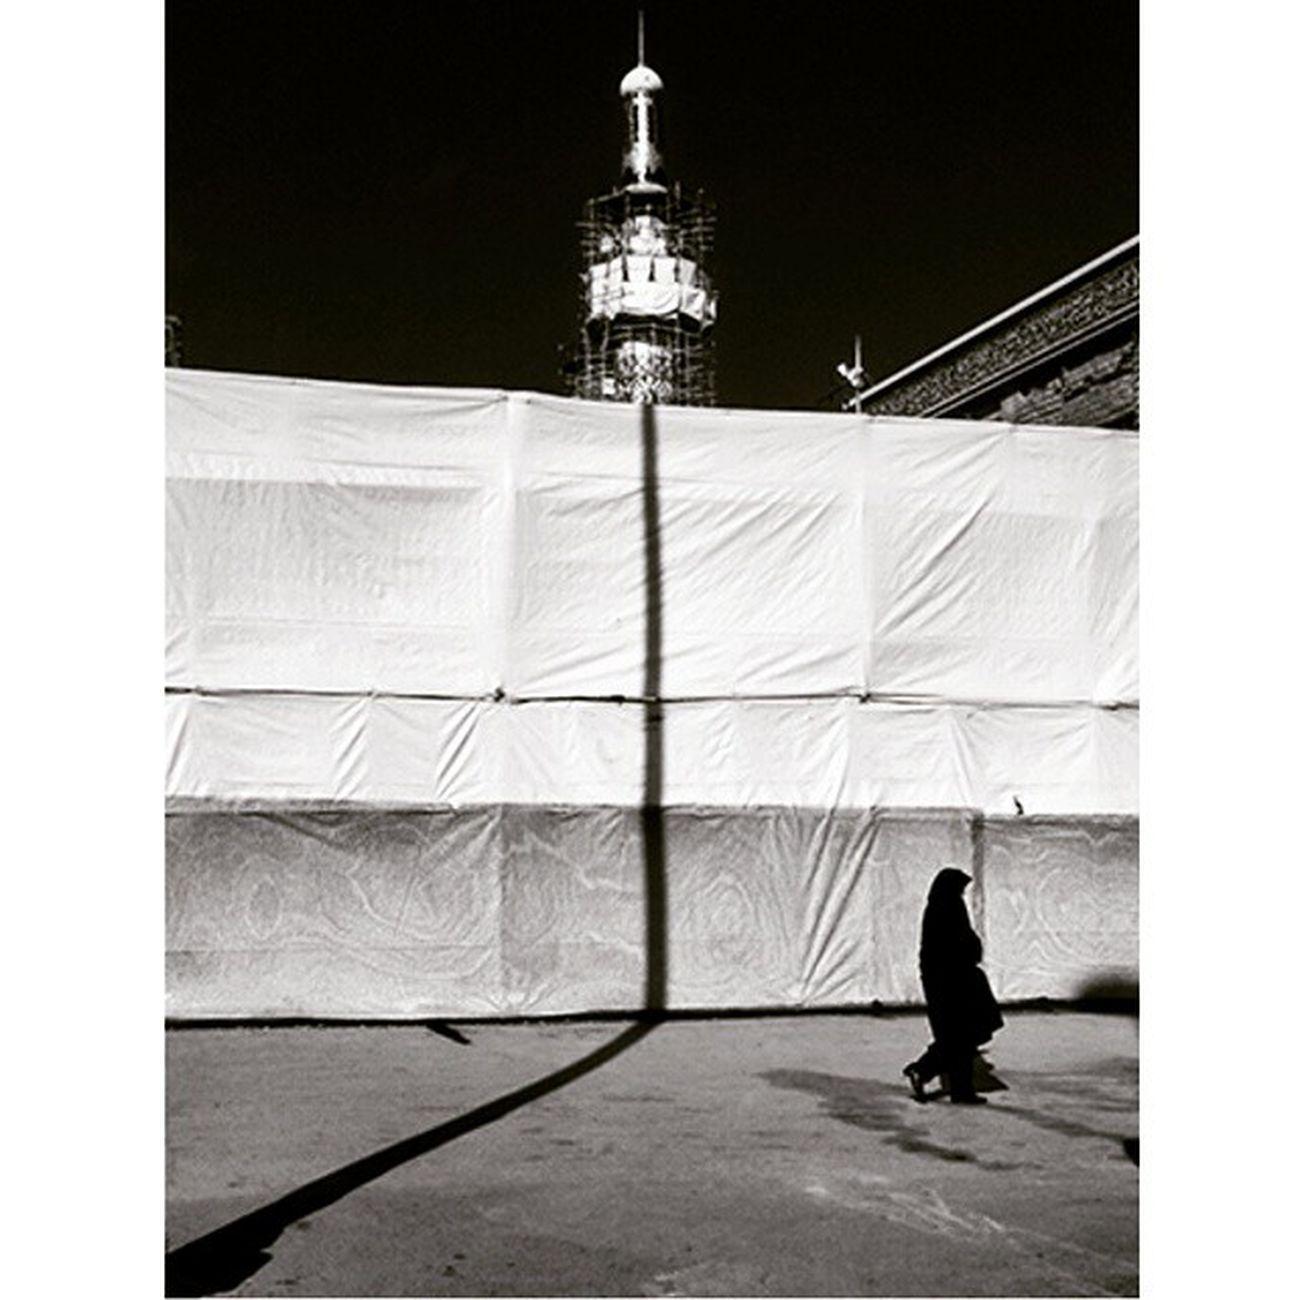 مشهد ، دی ماه ۹۳ Mashhad Imamreza Streetphotography Holyshrine HTC Aqaks